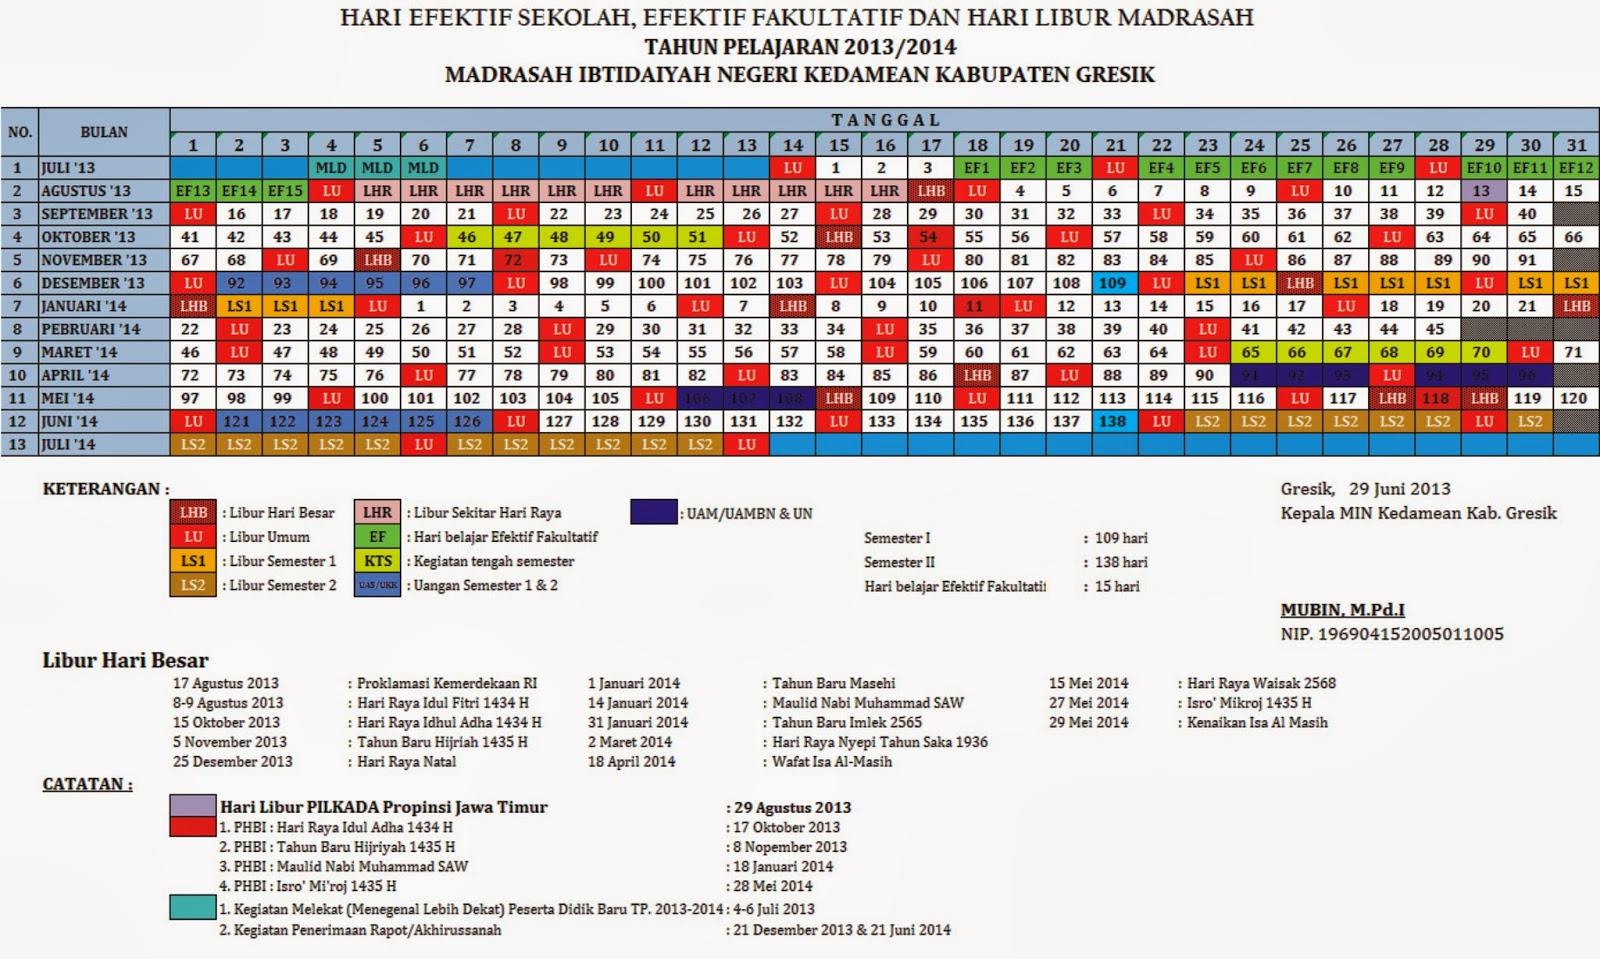 kalender, kalender pendidikan, pendidikan, MIN, madrasah,